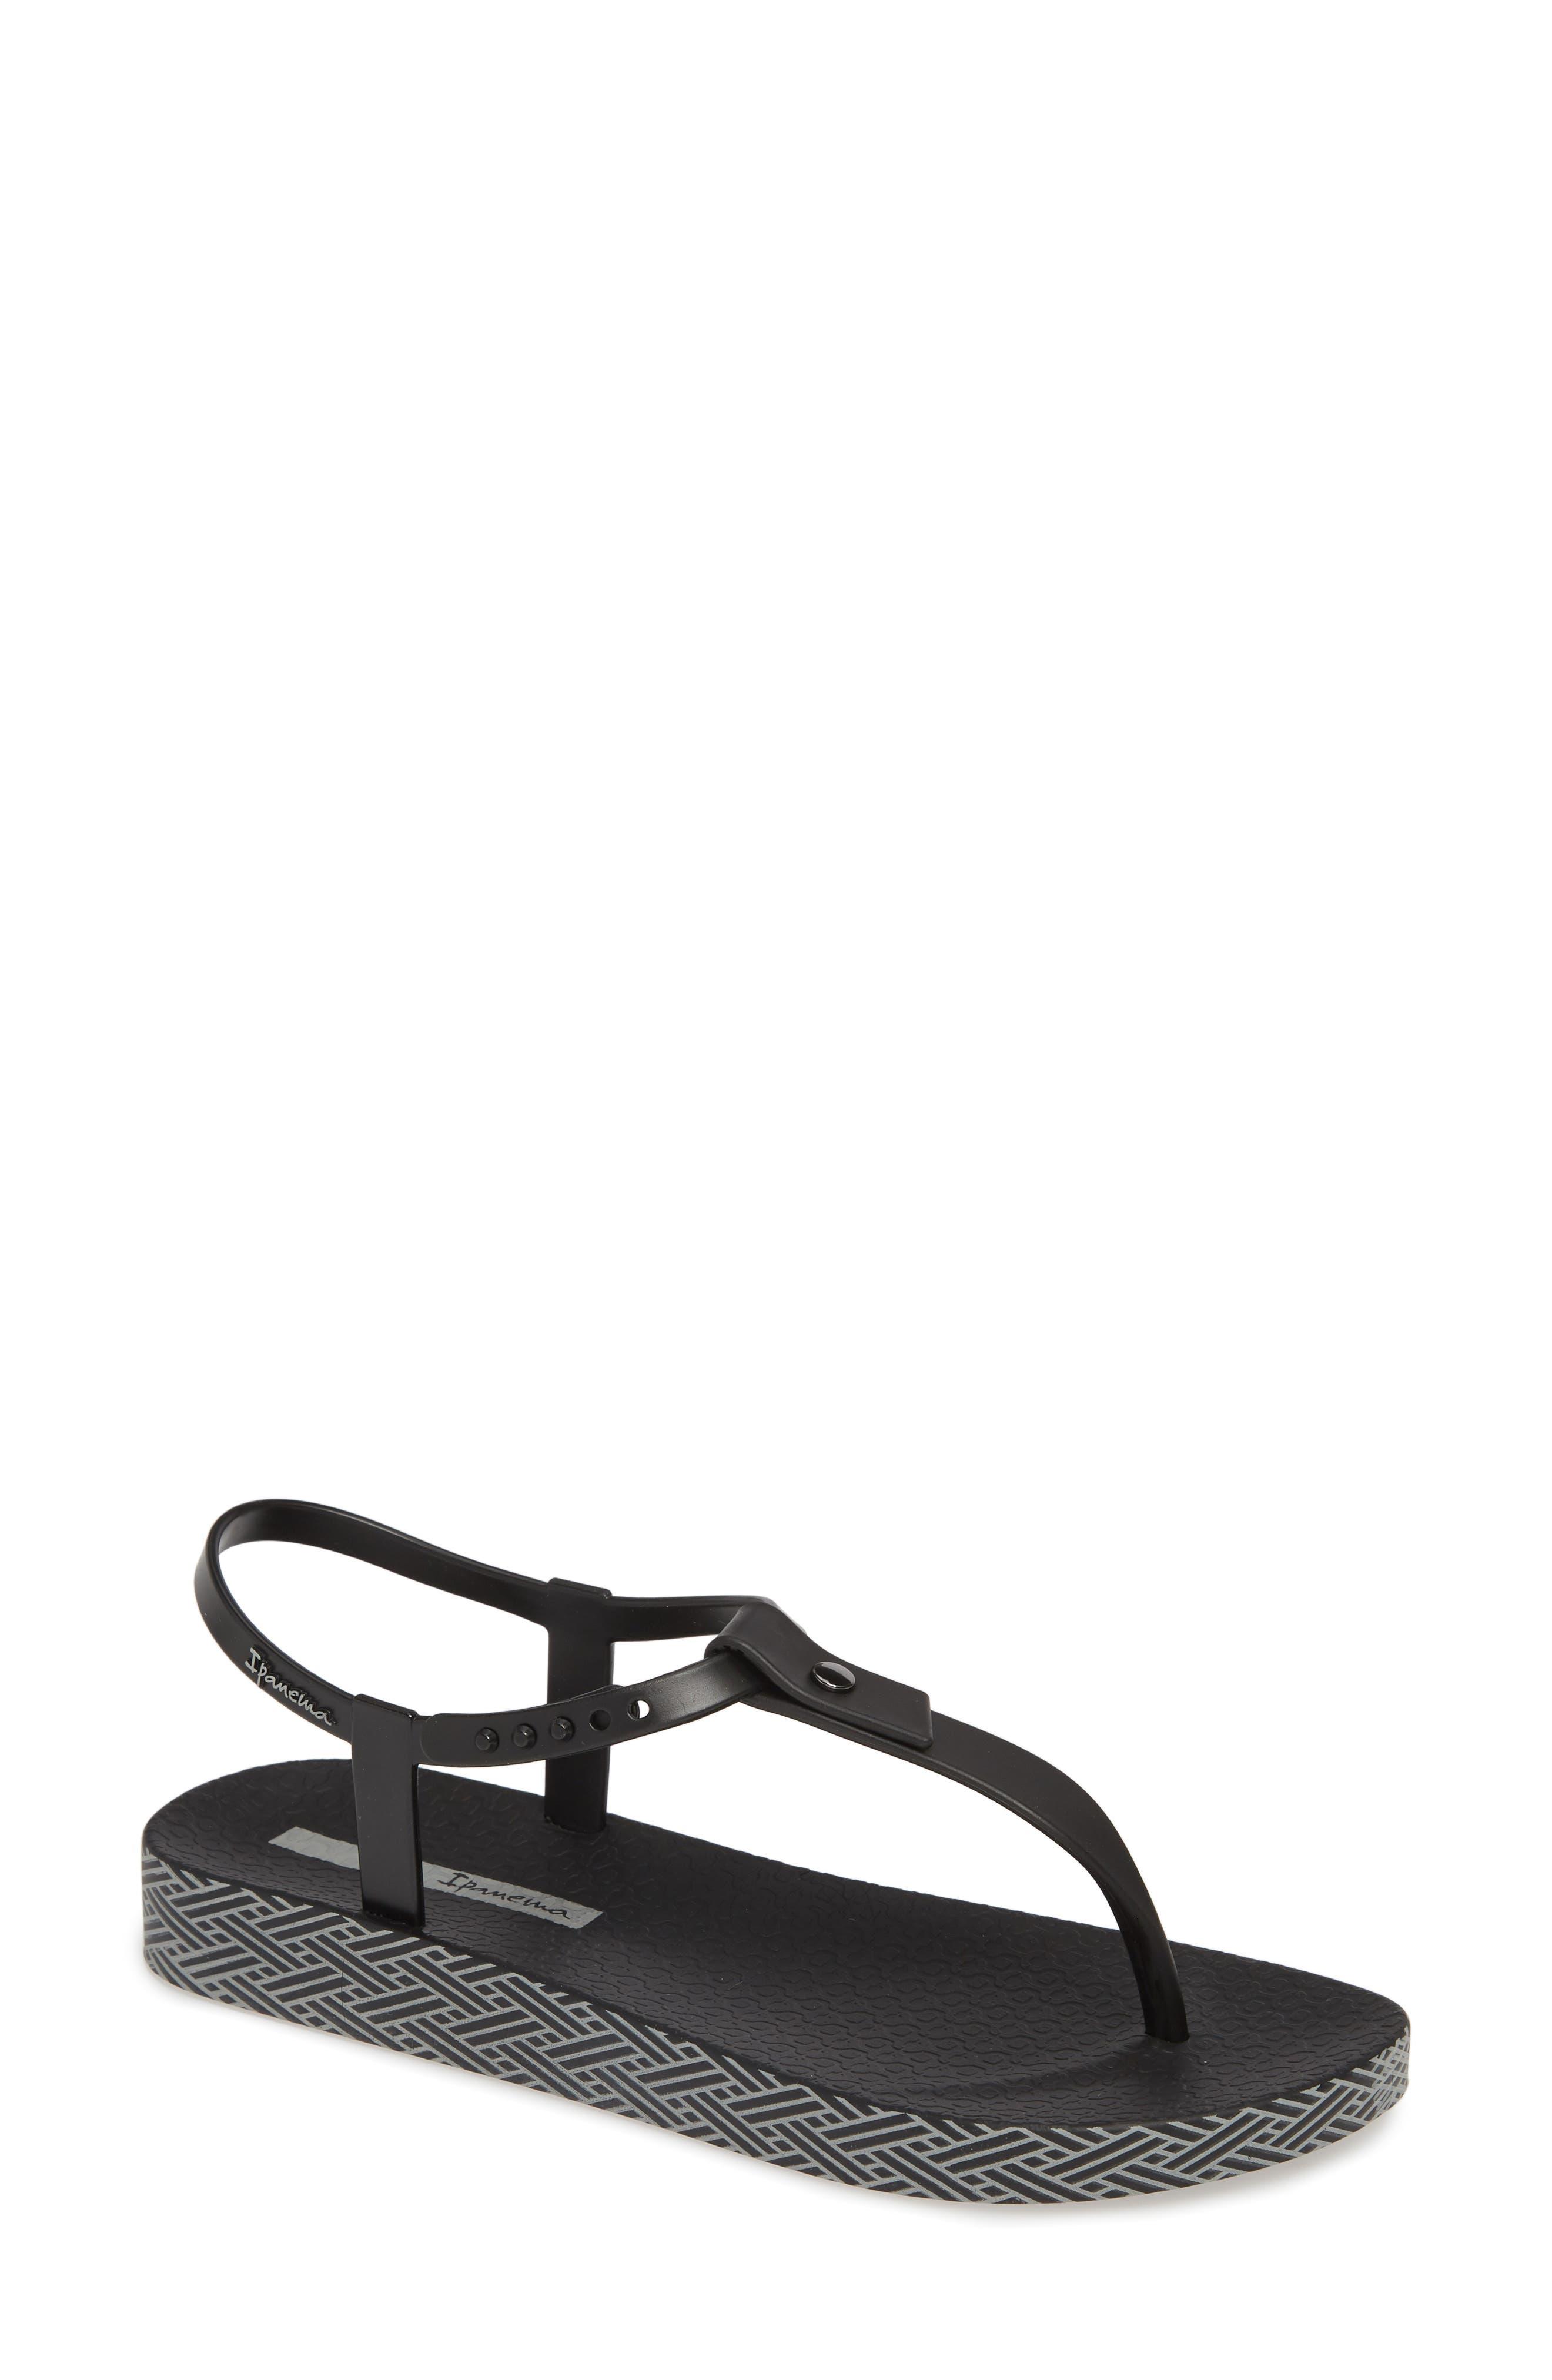 IPANEMA, Plush Weave T-Strap Sandal, Main thumbnail 1, color, BLACK